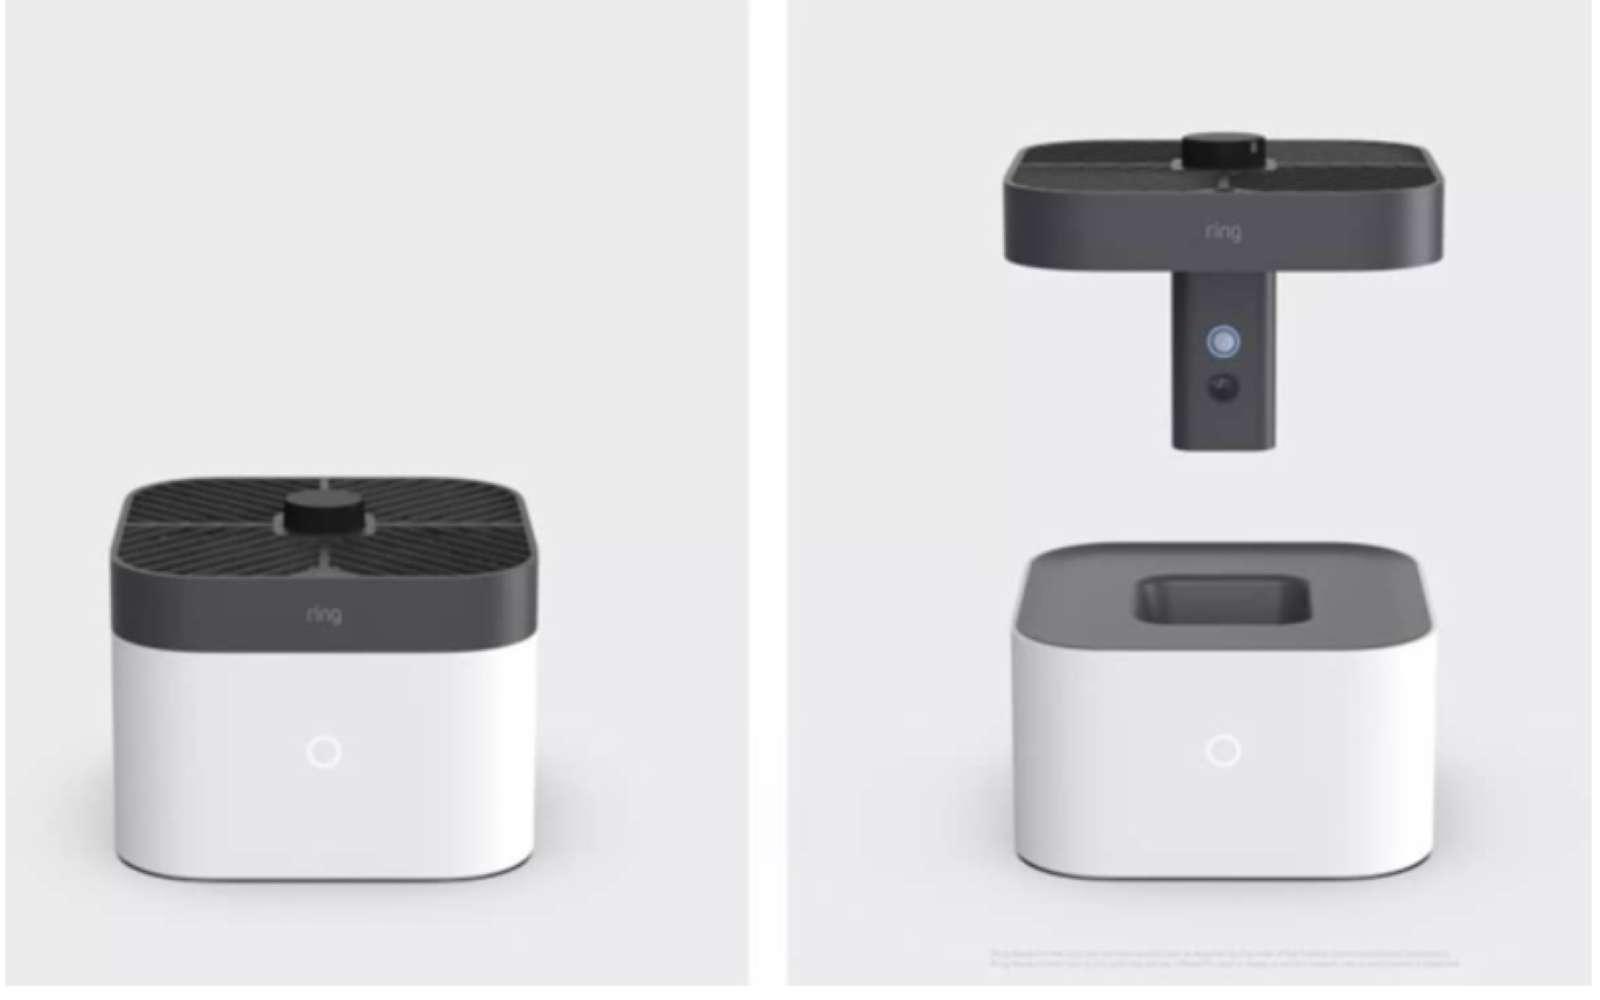 Ce boîtier enferme un petit drone doté d'une caméra pour surveiller l'habitation en cas d'intrusion. © Ring Amazon